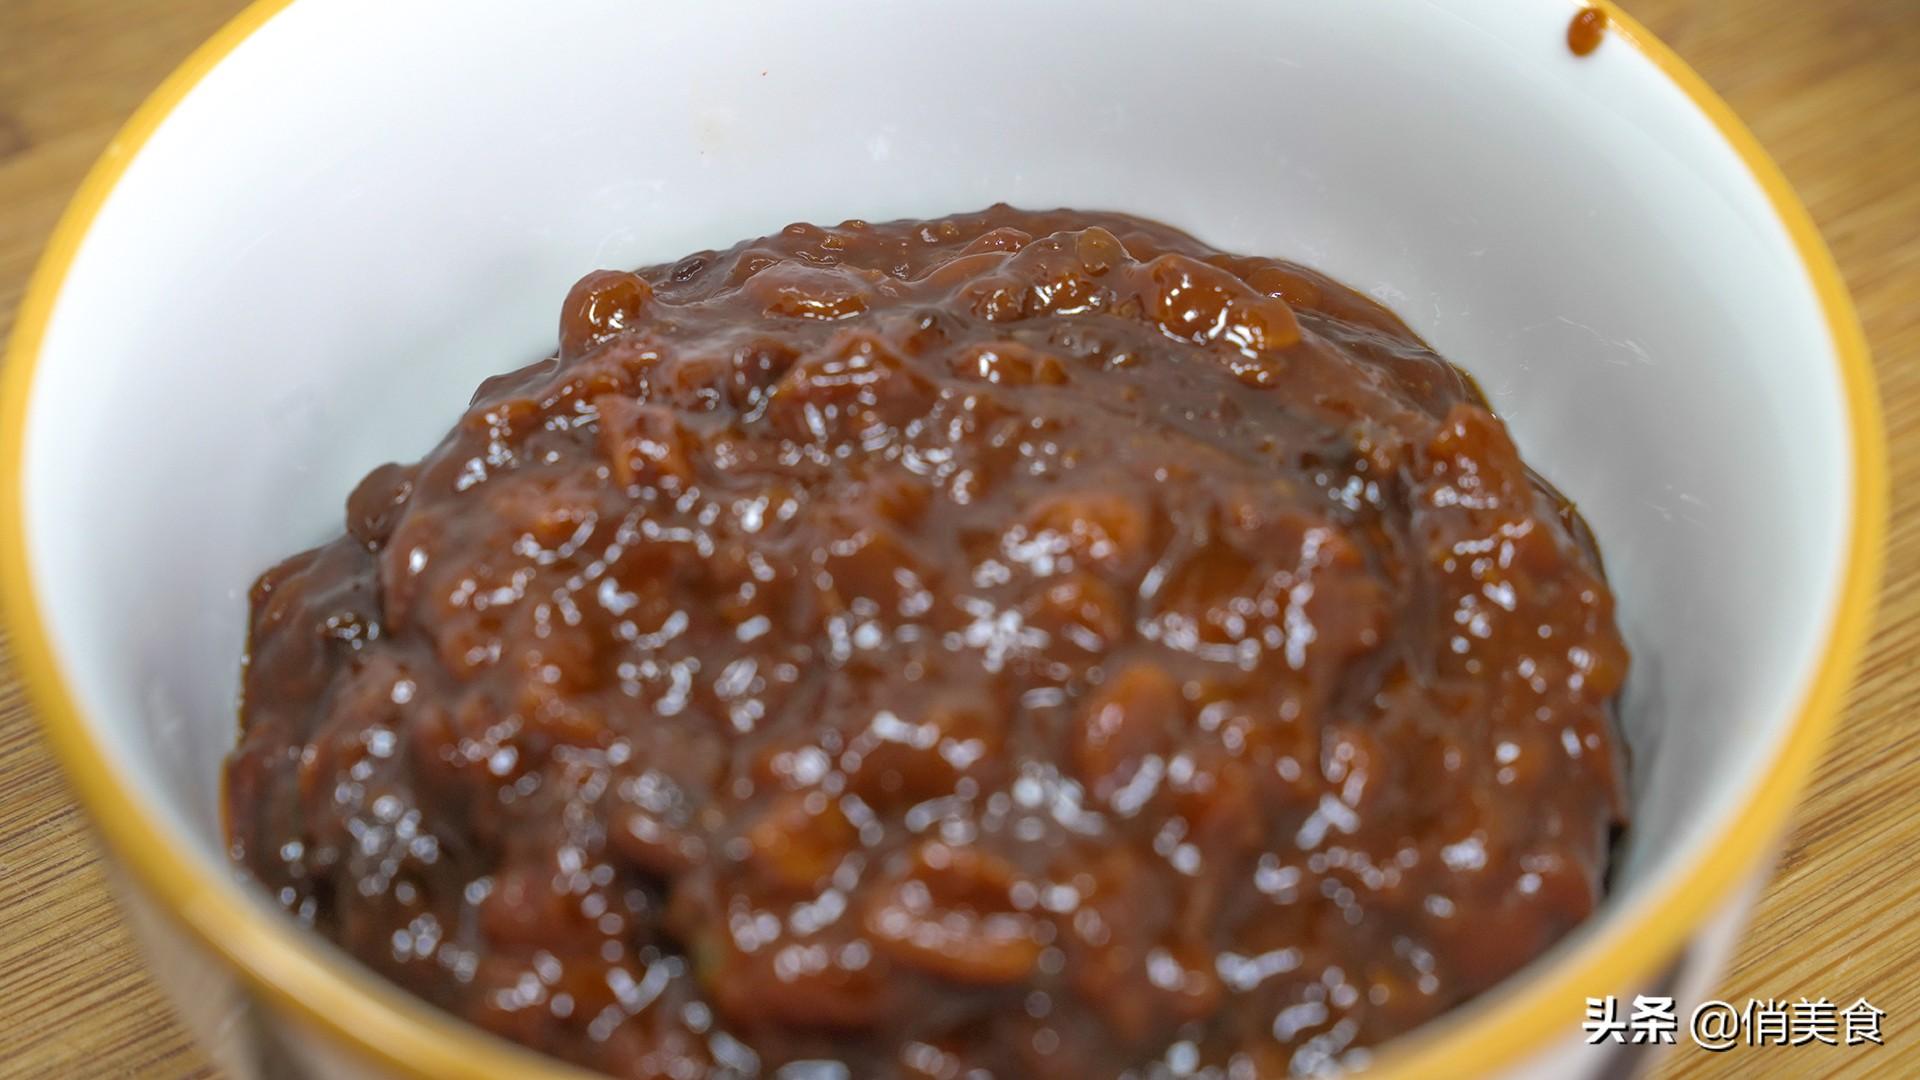 10分钟做锅万能酱,适合各种饼类、海鲜、烧烤、比老干妈好吃多了